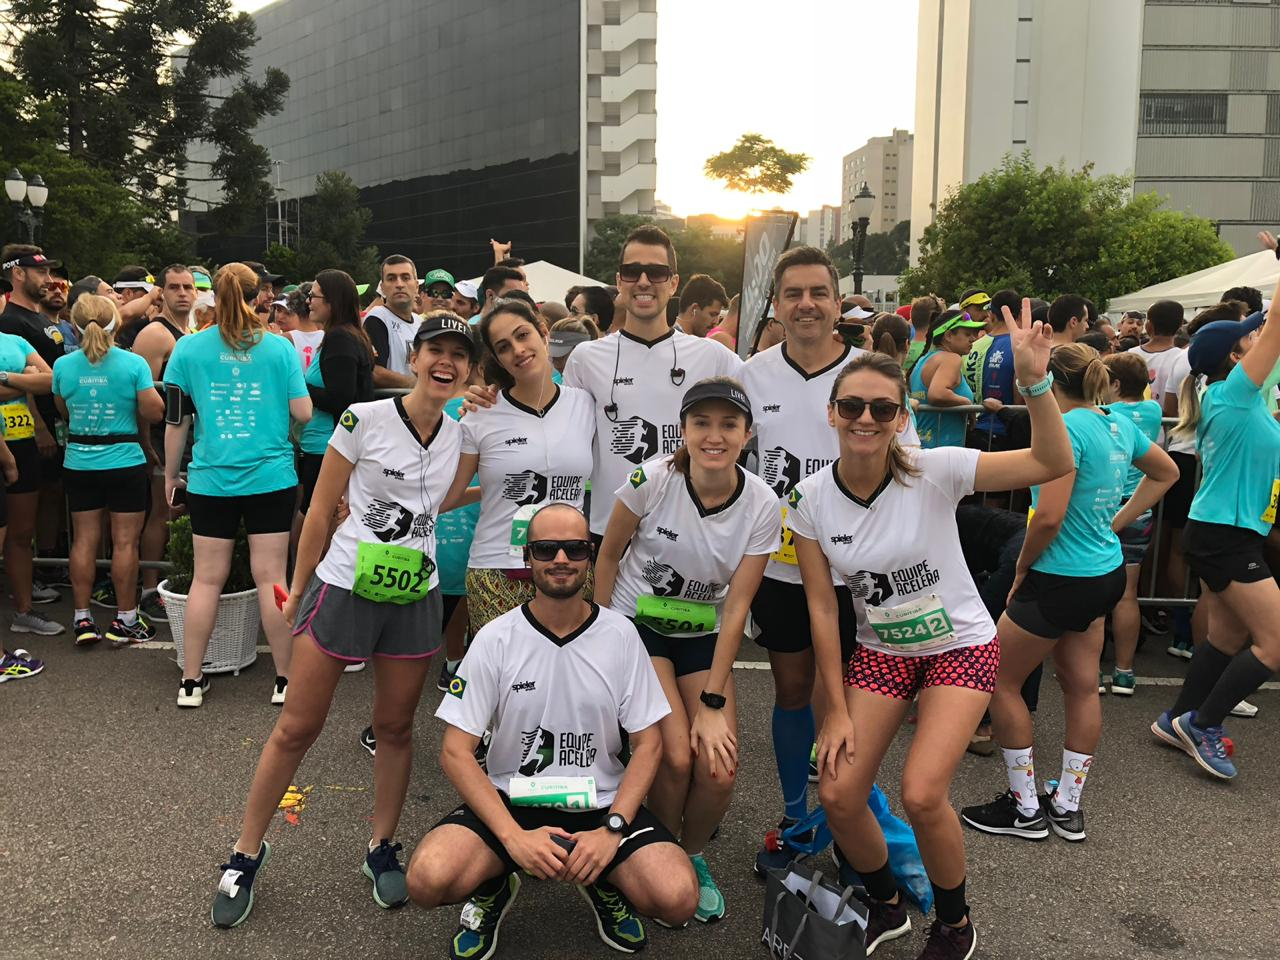 Maratona de Curitiba 2018: boas e más lembranças de uma prova